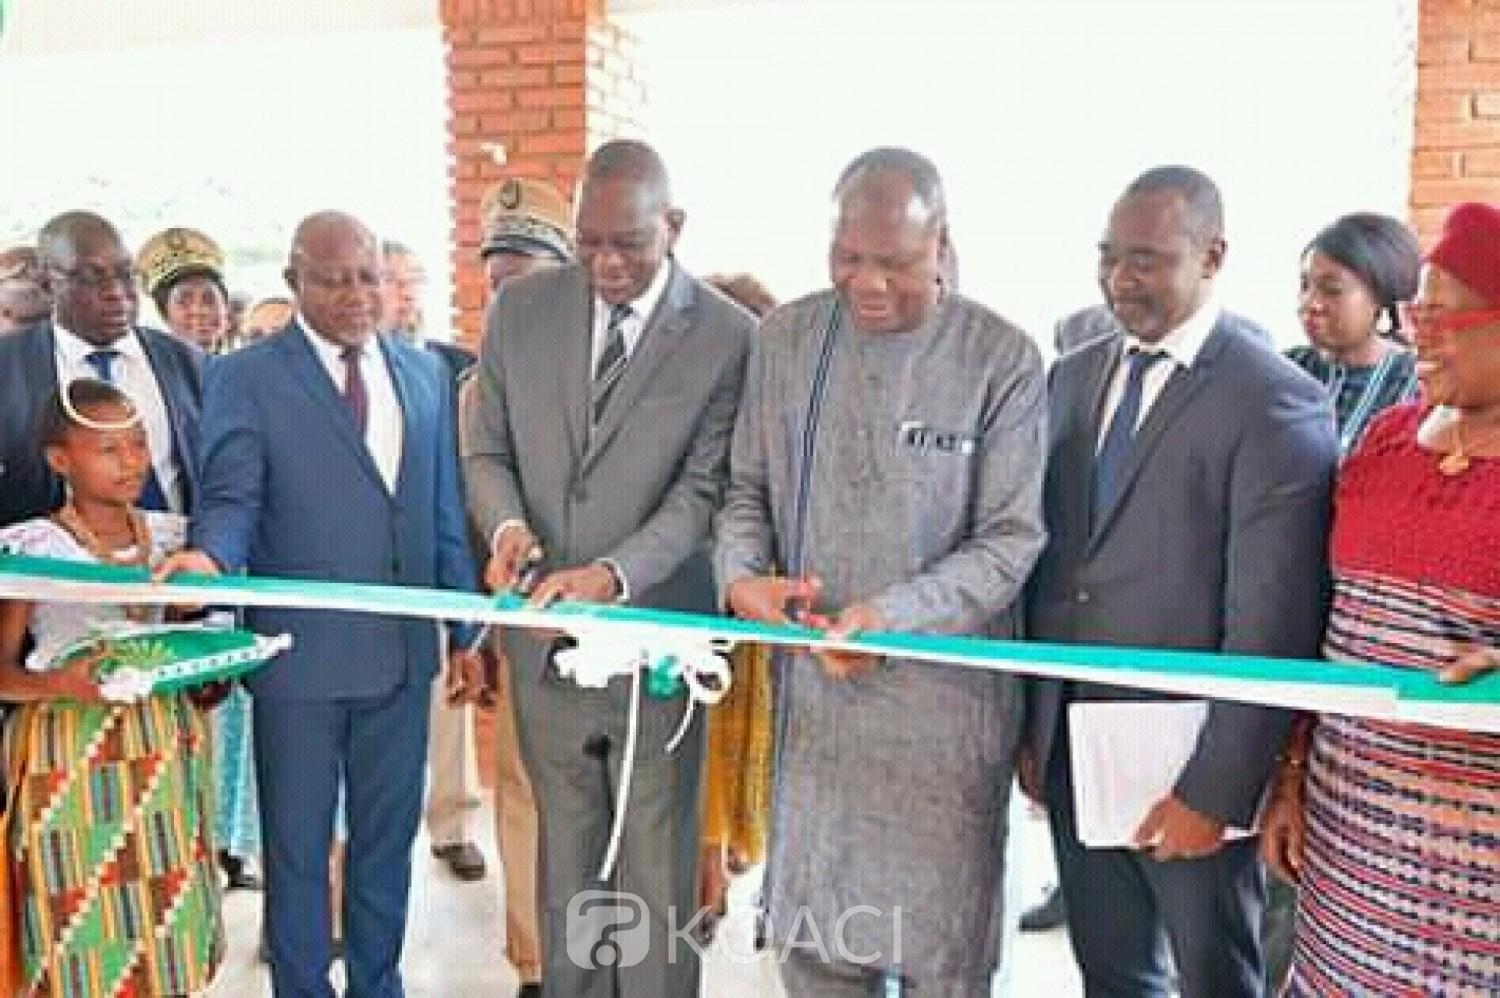 Côte d'Ivoire : Bouaké, à l'inauguration d'un centre de Biodiversité, Gaoussou Touré lance,